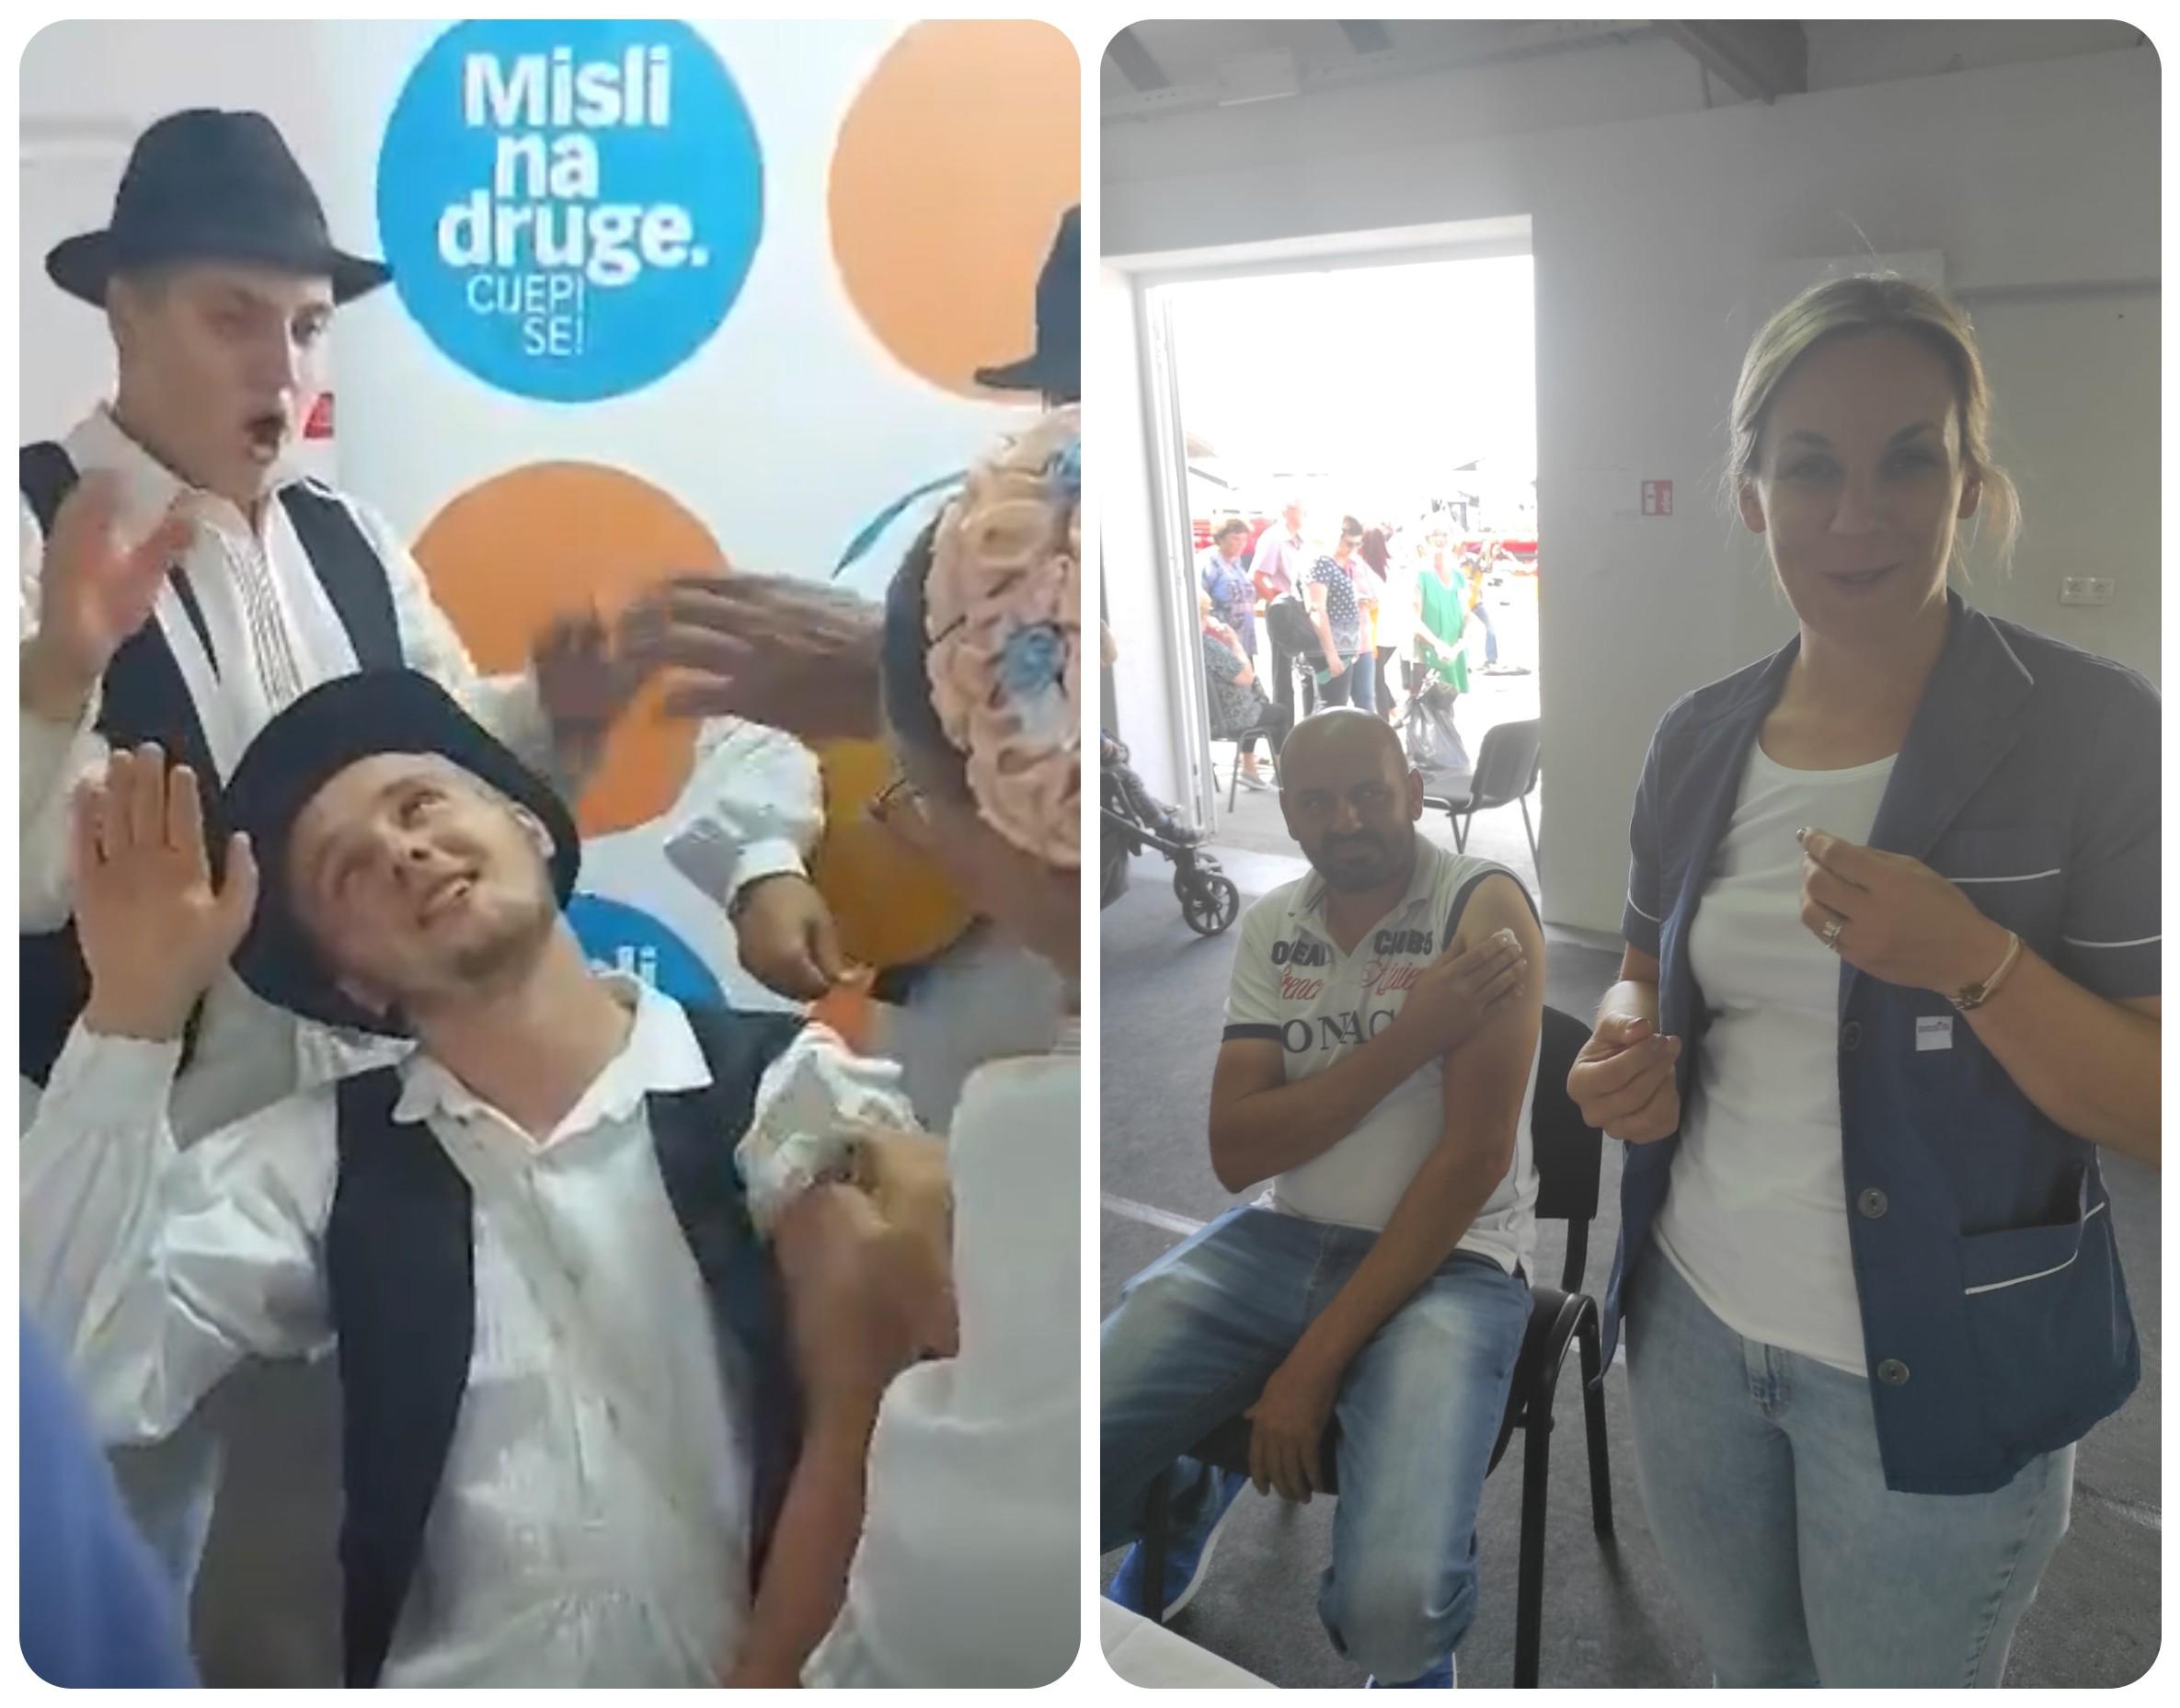 [FOTO I VIDEO] Sjajna atmosfera na cijepljenju, za hrabrost pojedincima zasvirali - tamburaši!